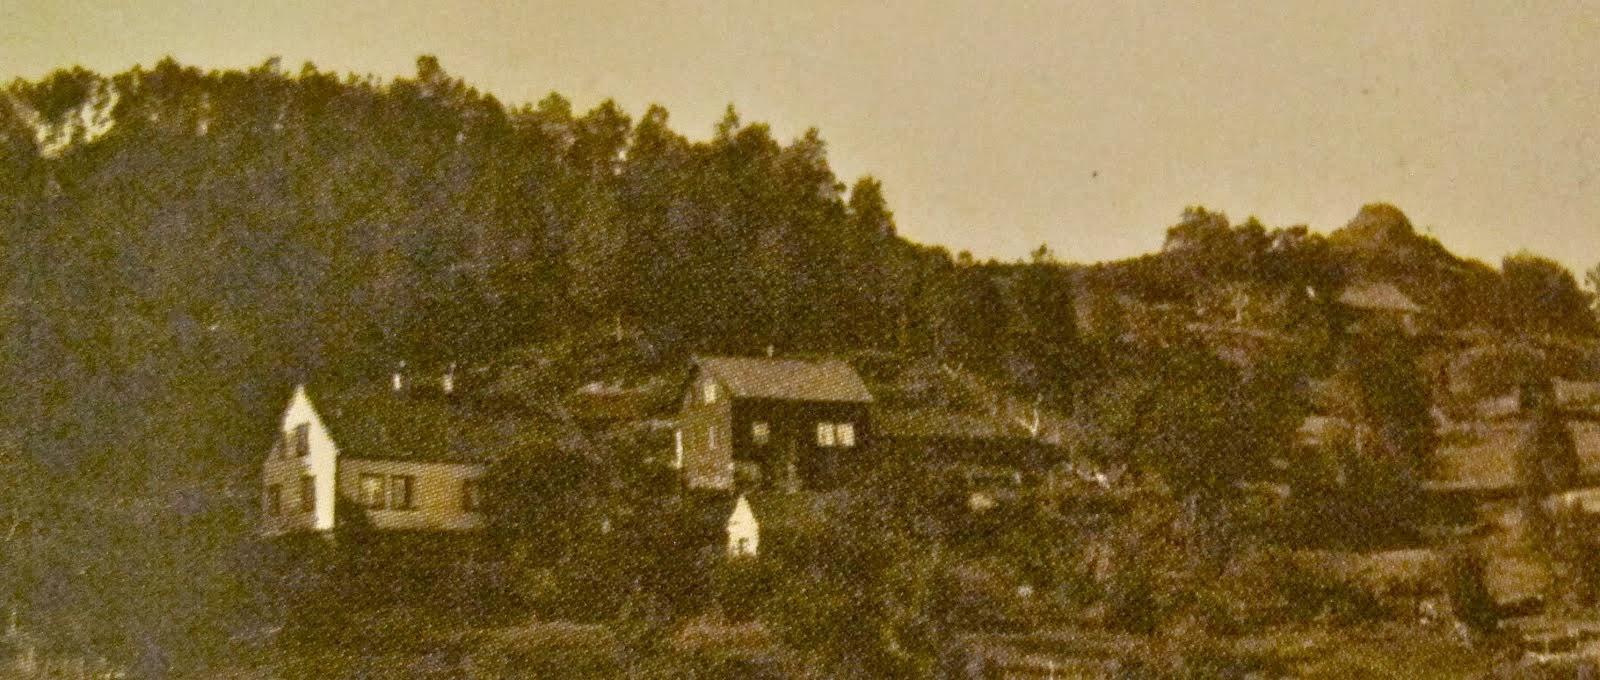 Nedre Eskeland i eldre tider